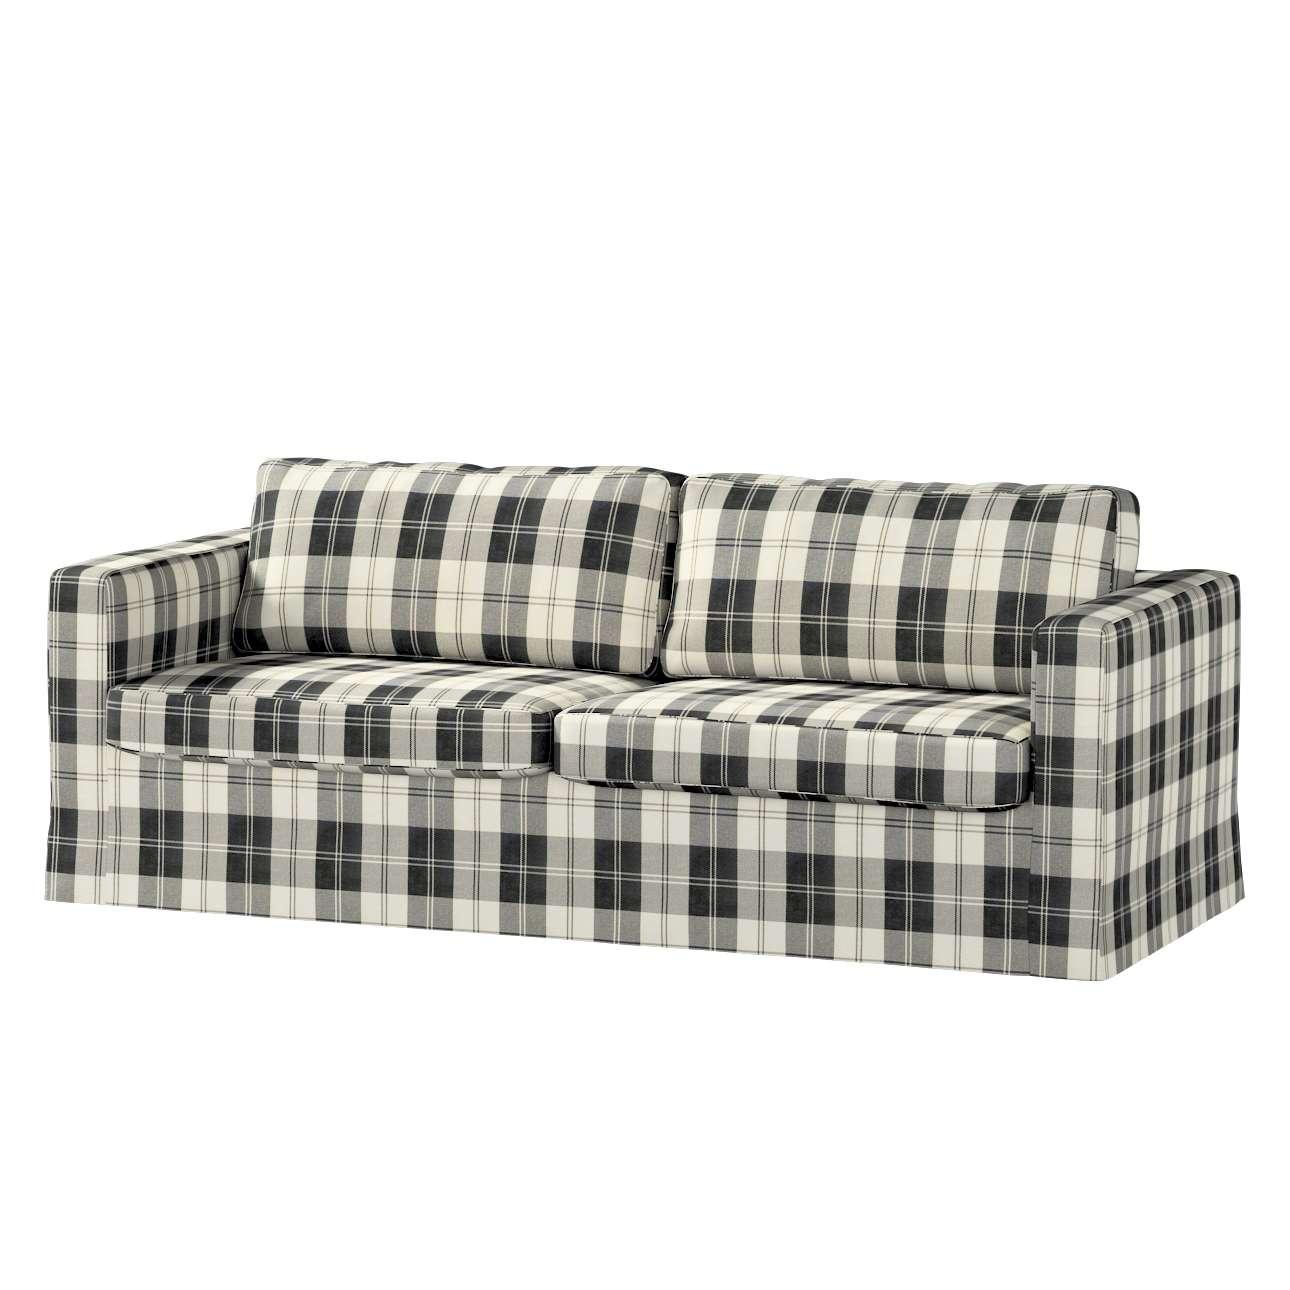 Pokrowiec na sofę Karlstad 3-osobową nierozkładaną, długi Sofa Karlstad 3-osobowa w kolekcji Edinburgh, tkanina: 115-74